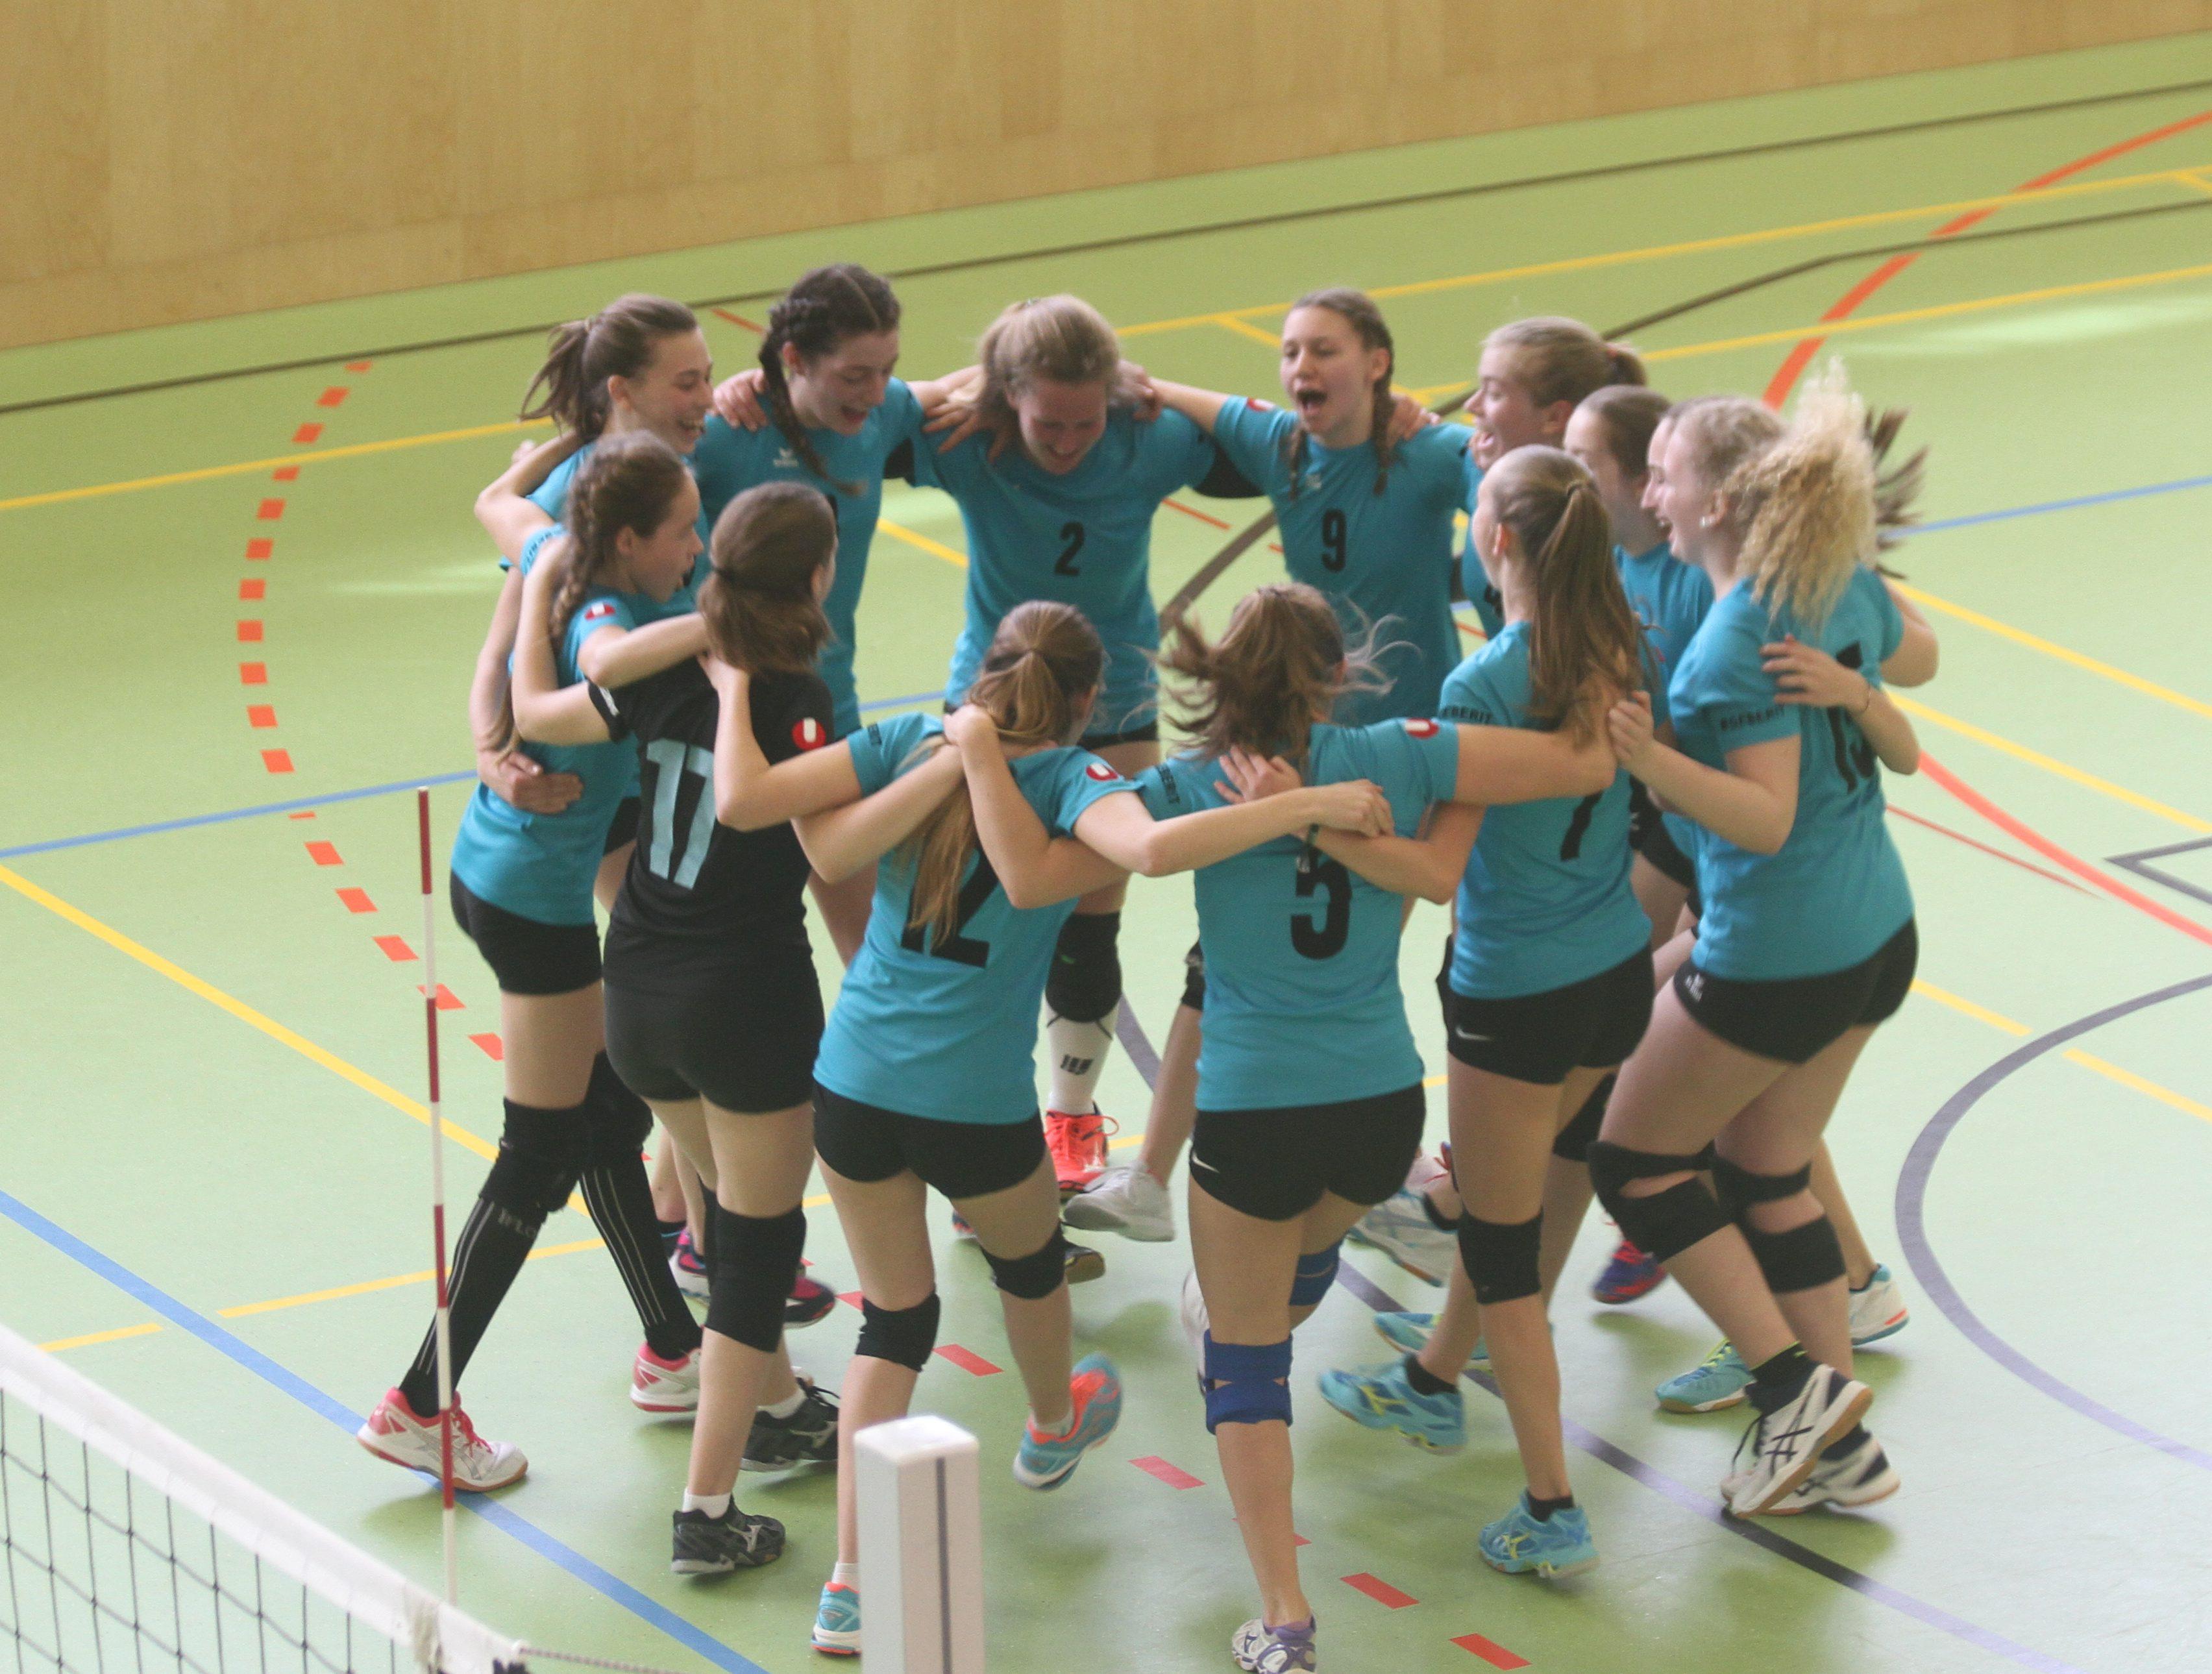 Siegerjubel U17 LMS